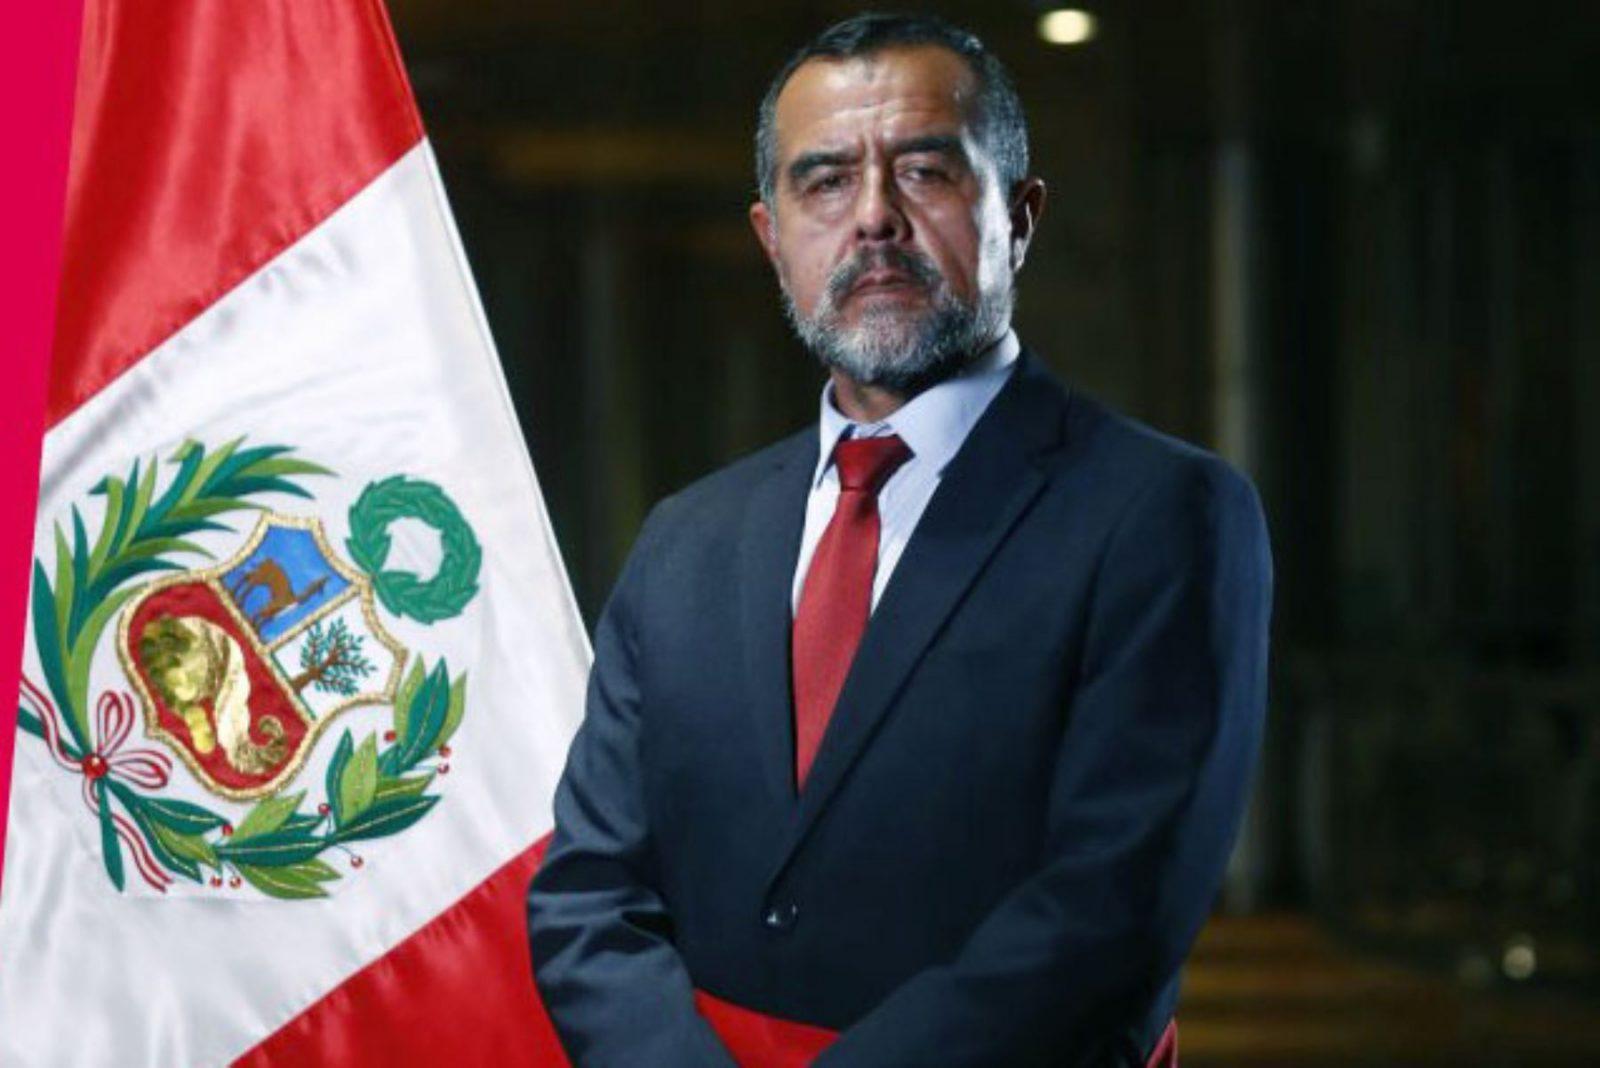 Ministro Iber Maraví declara que no renunciará a su cargo